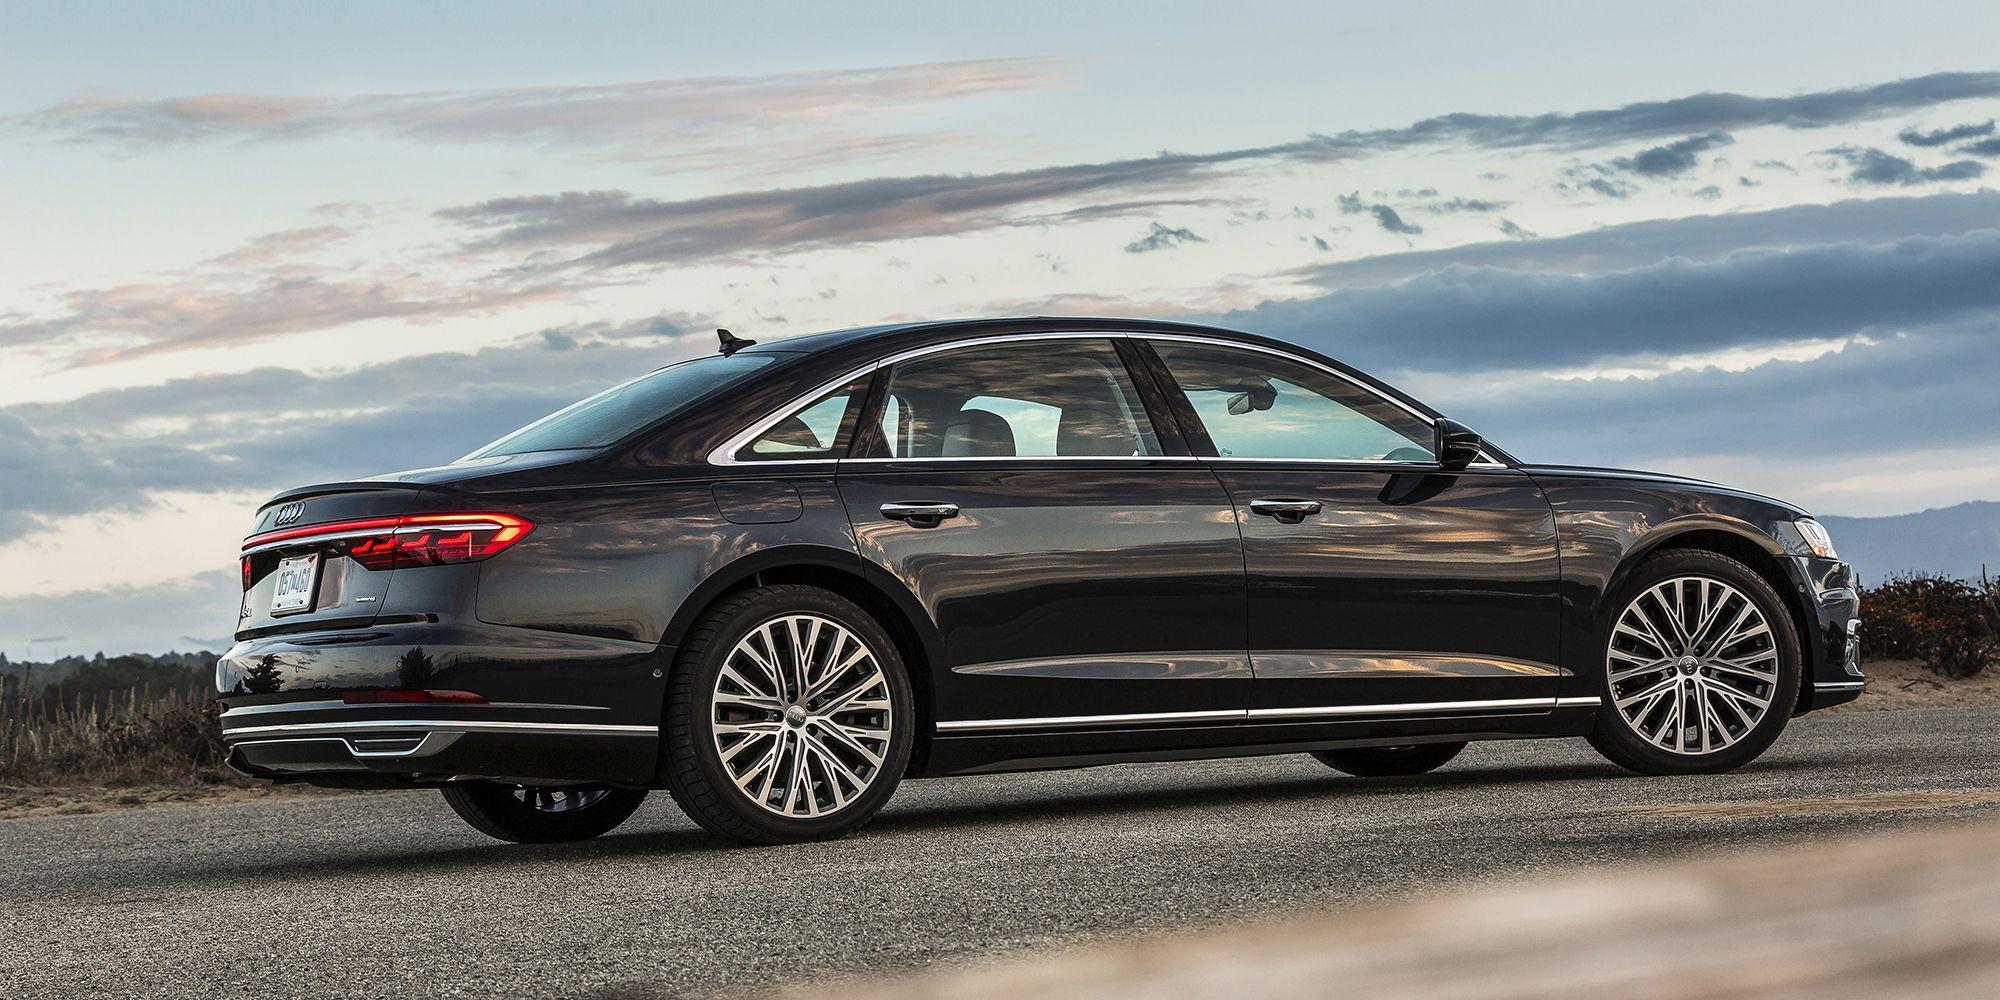 Kelebihan Audi A8 Top Model Tahun Ini